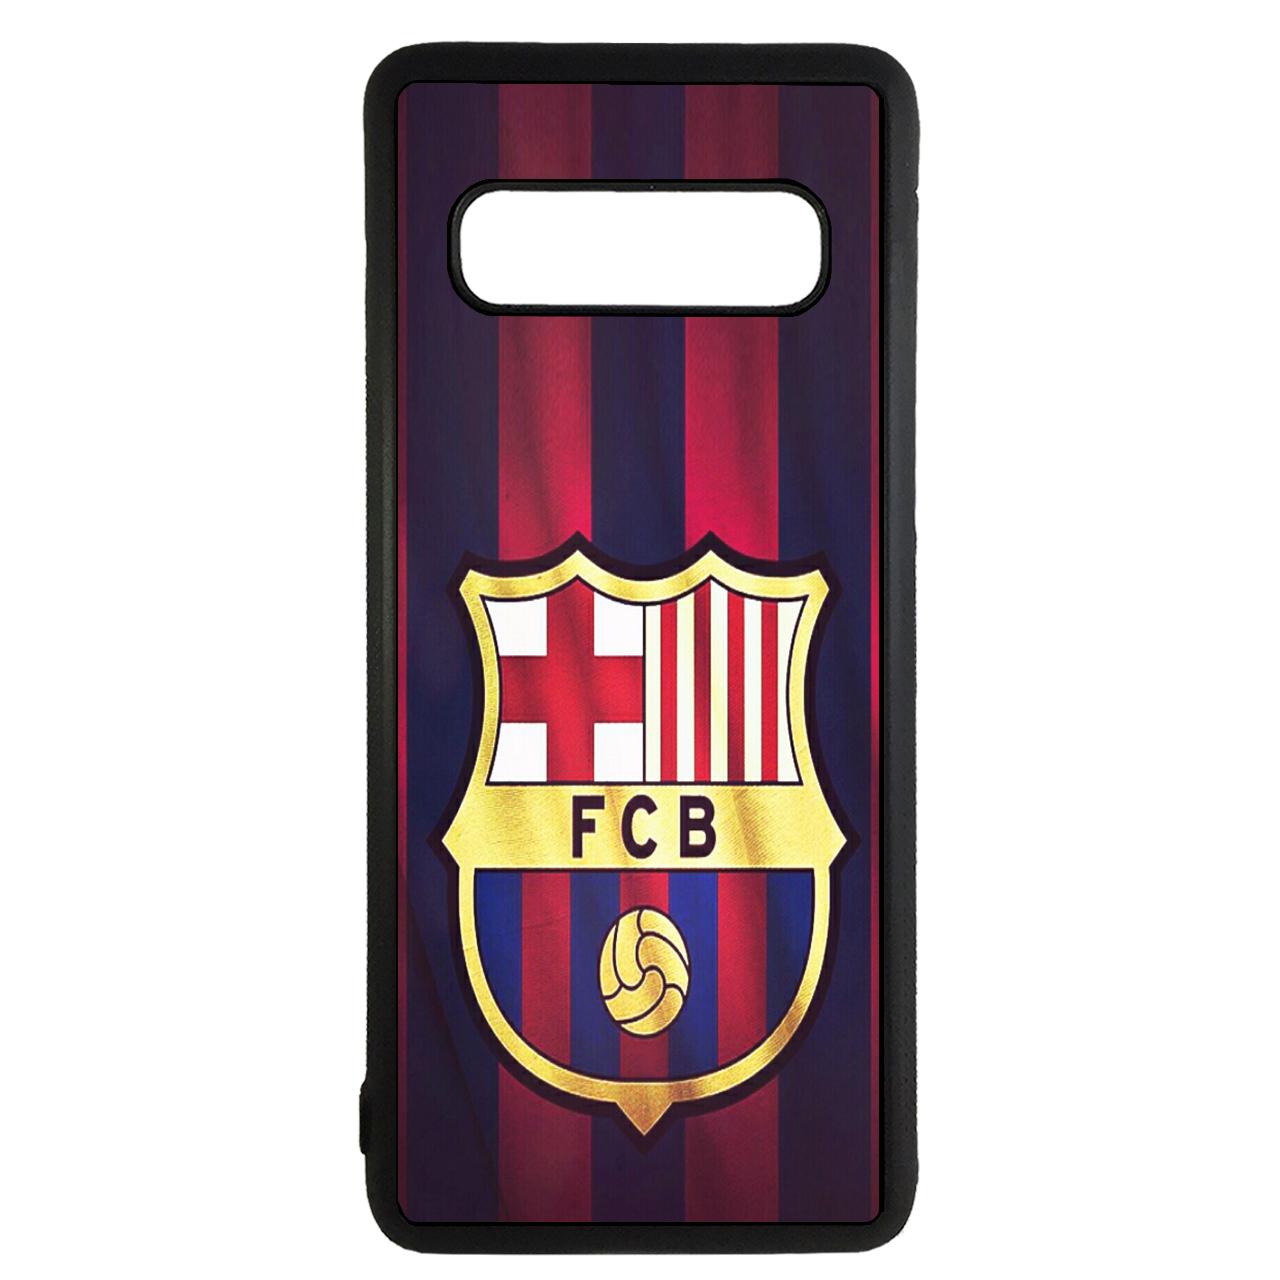 کاور طرح بارسلونا کد 110541094302 مناسب برای گوشی موبایل سامسونگ galaxy s10 plus